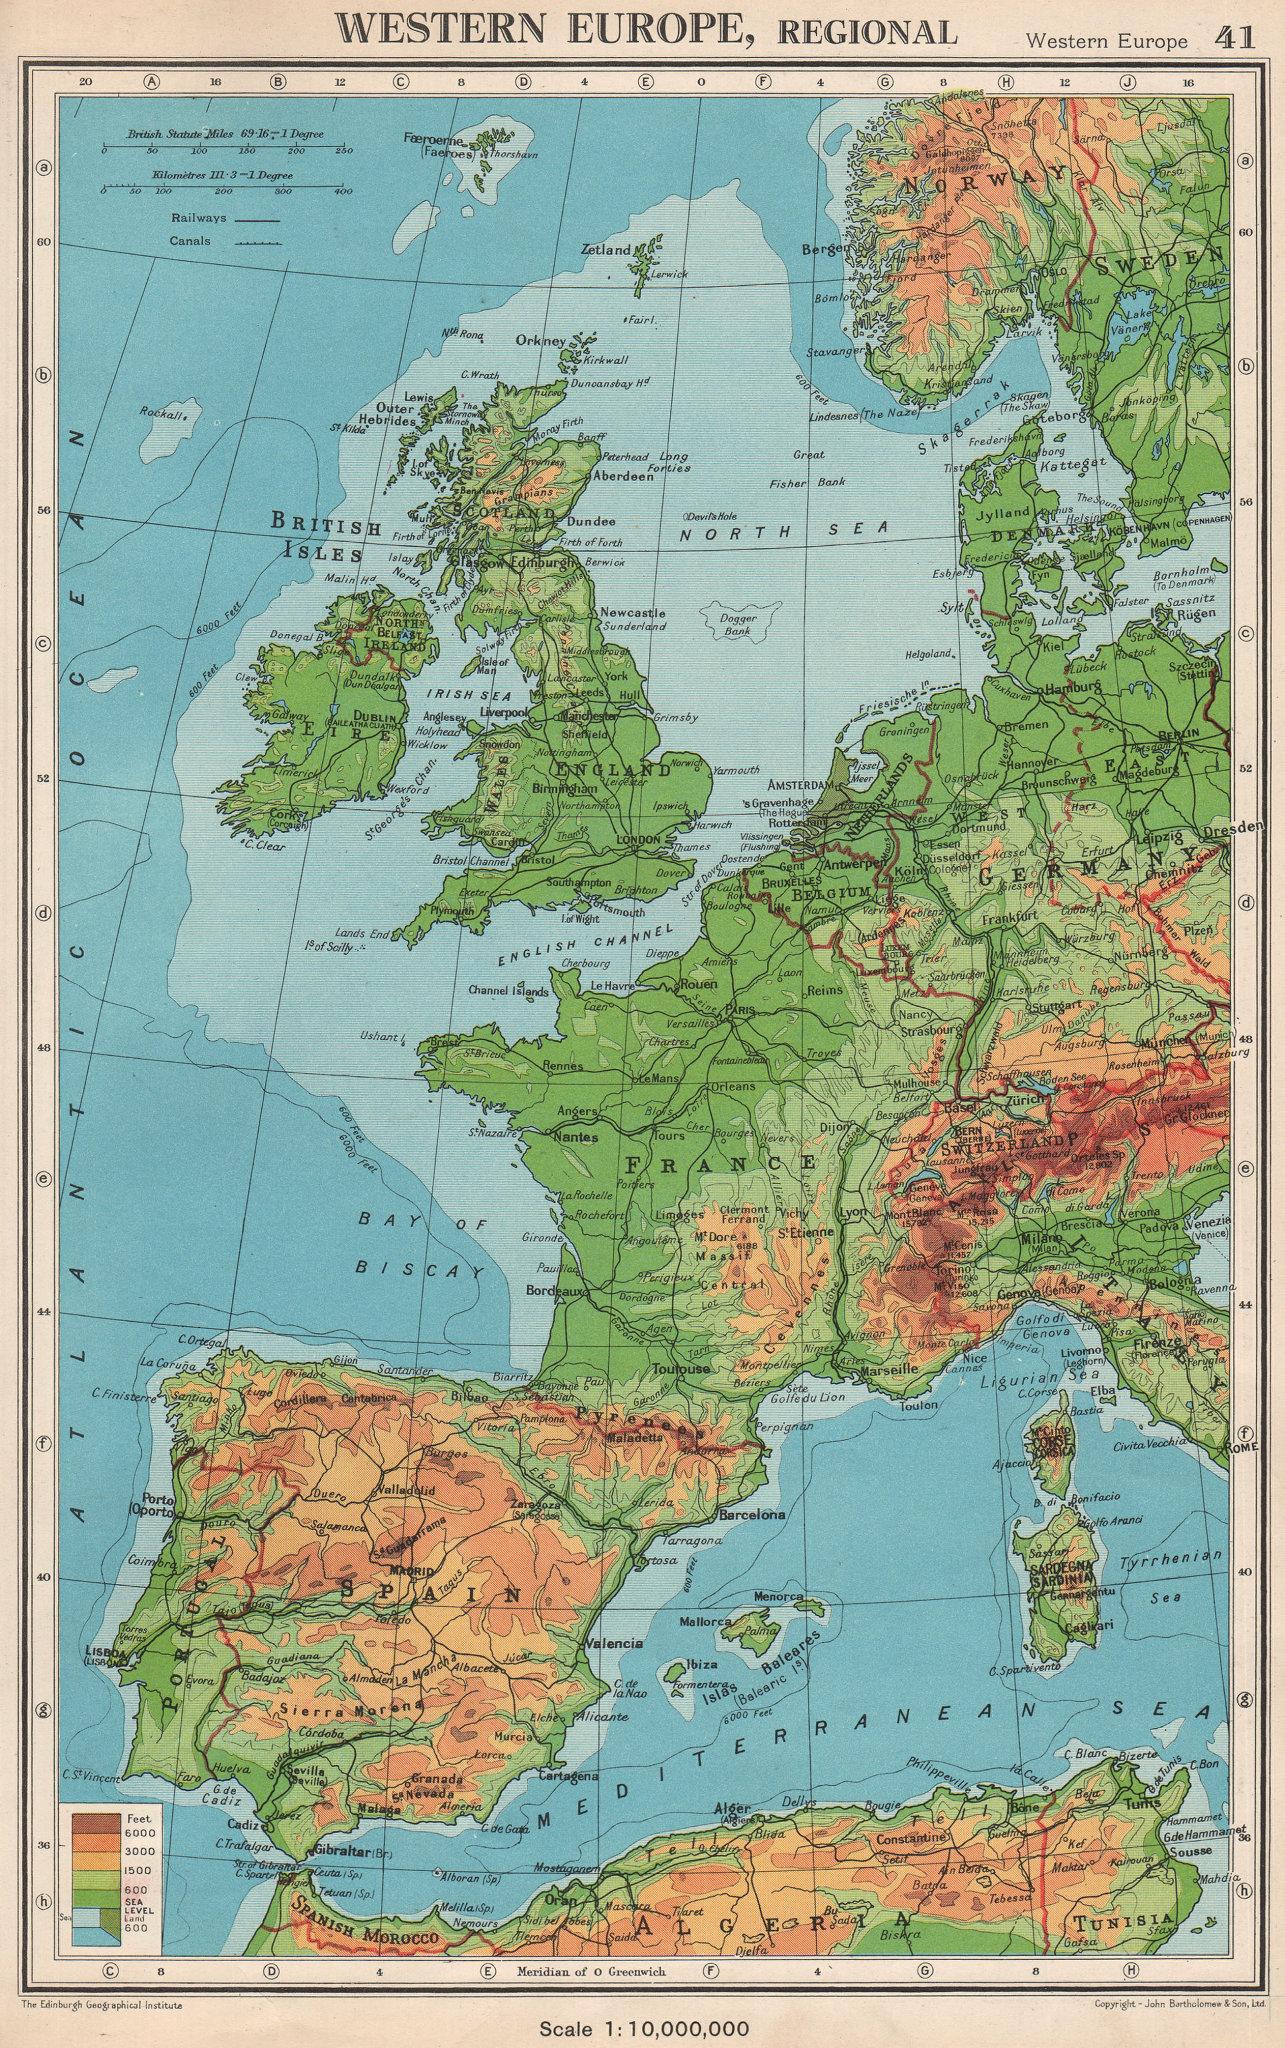 Associate Product WESTERN EUROPE. Physical & main railways. BARTHOLOMEW 1952 old vintage map